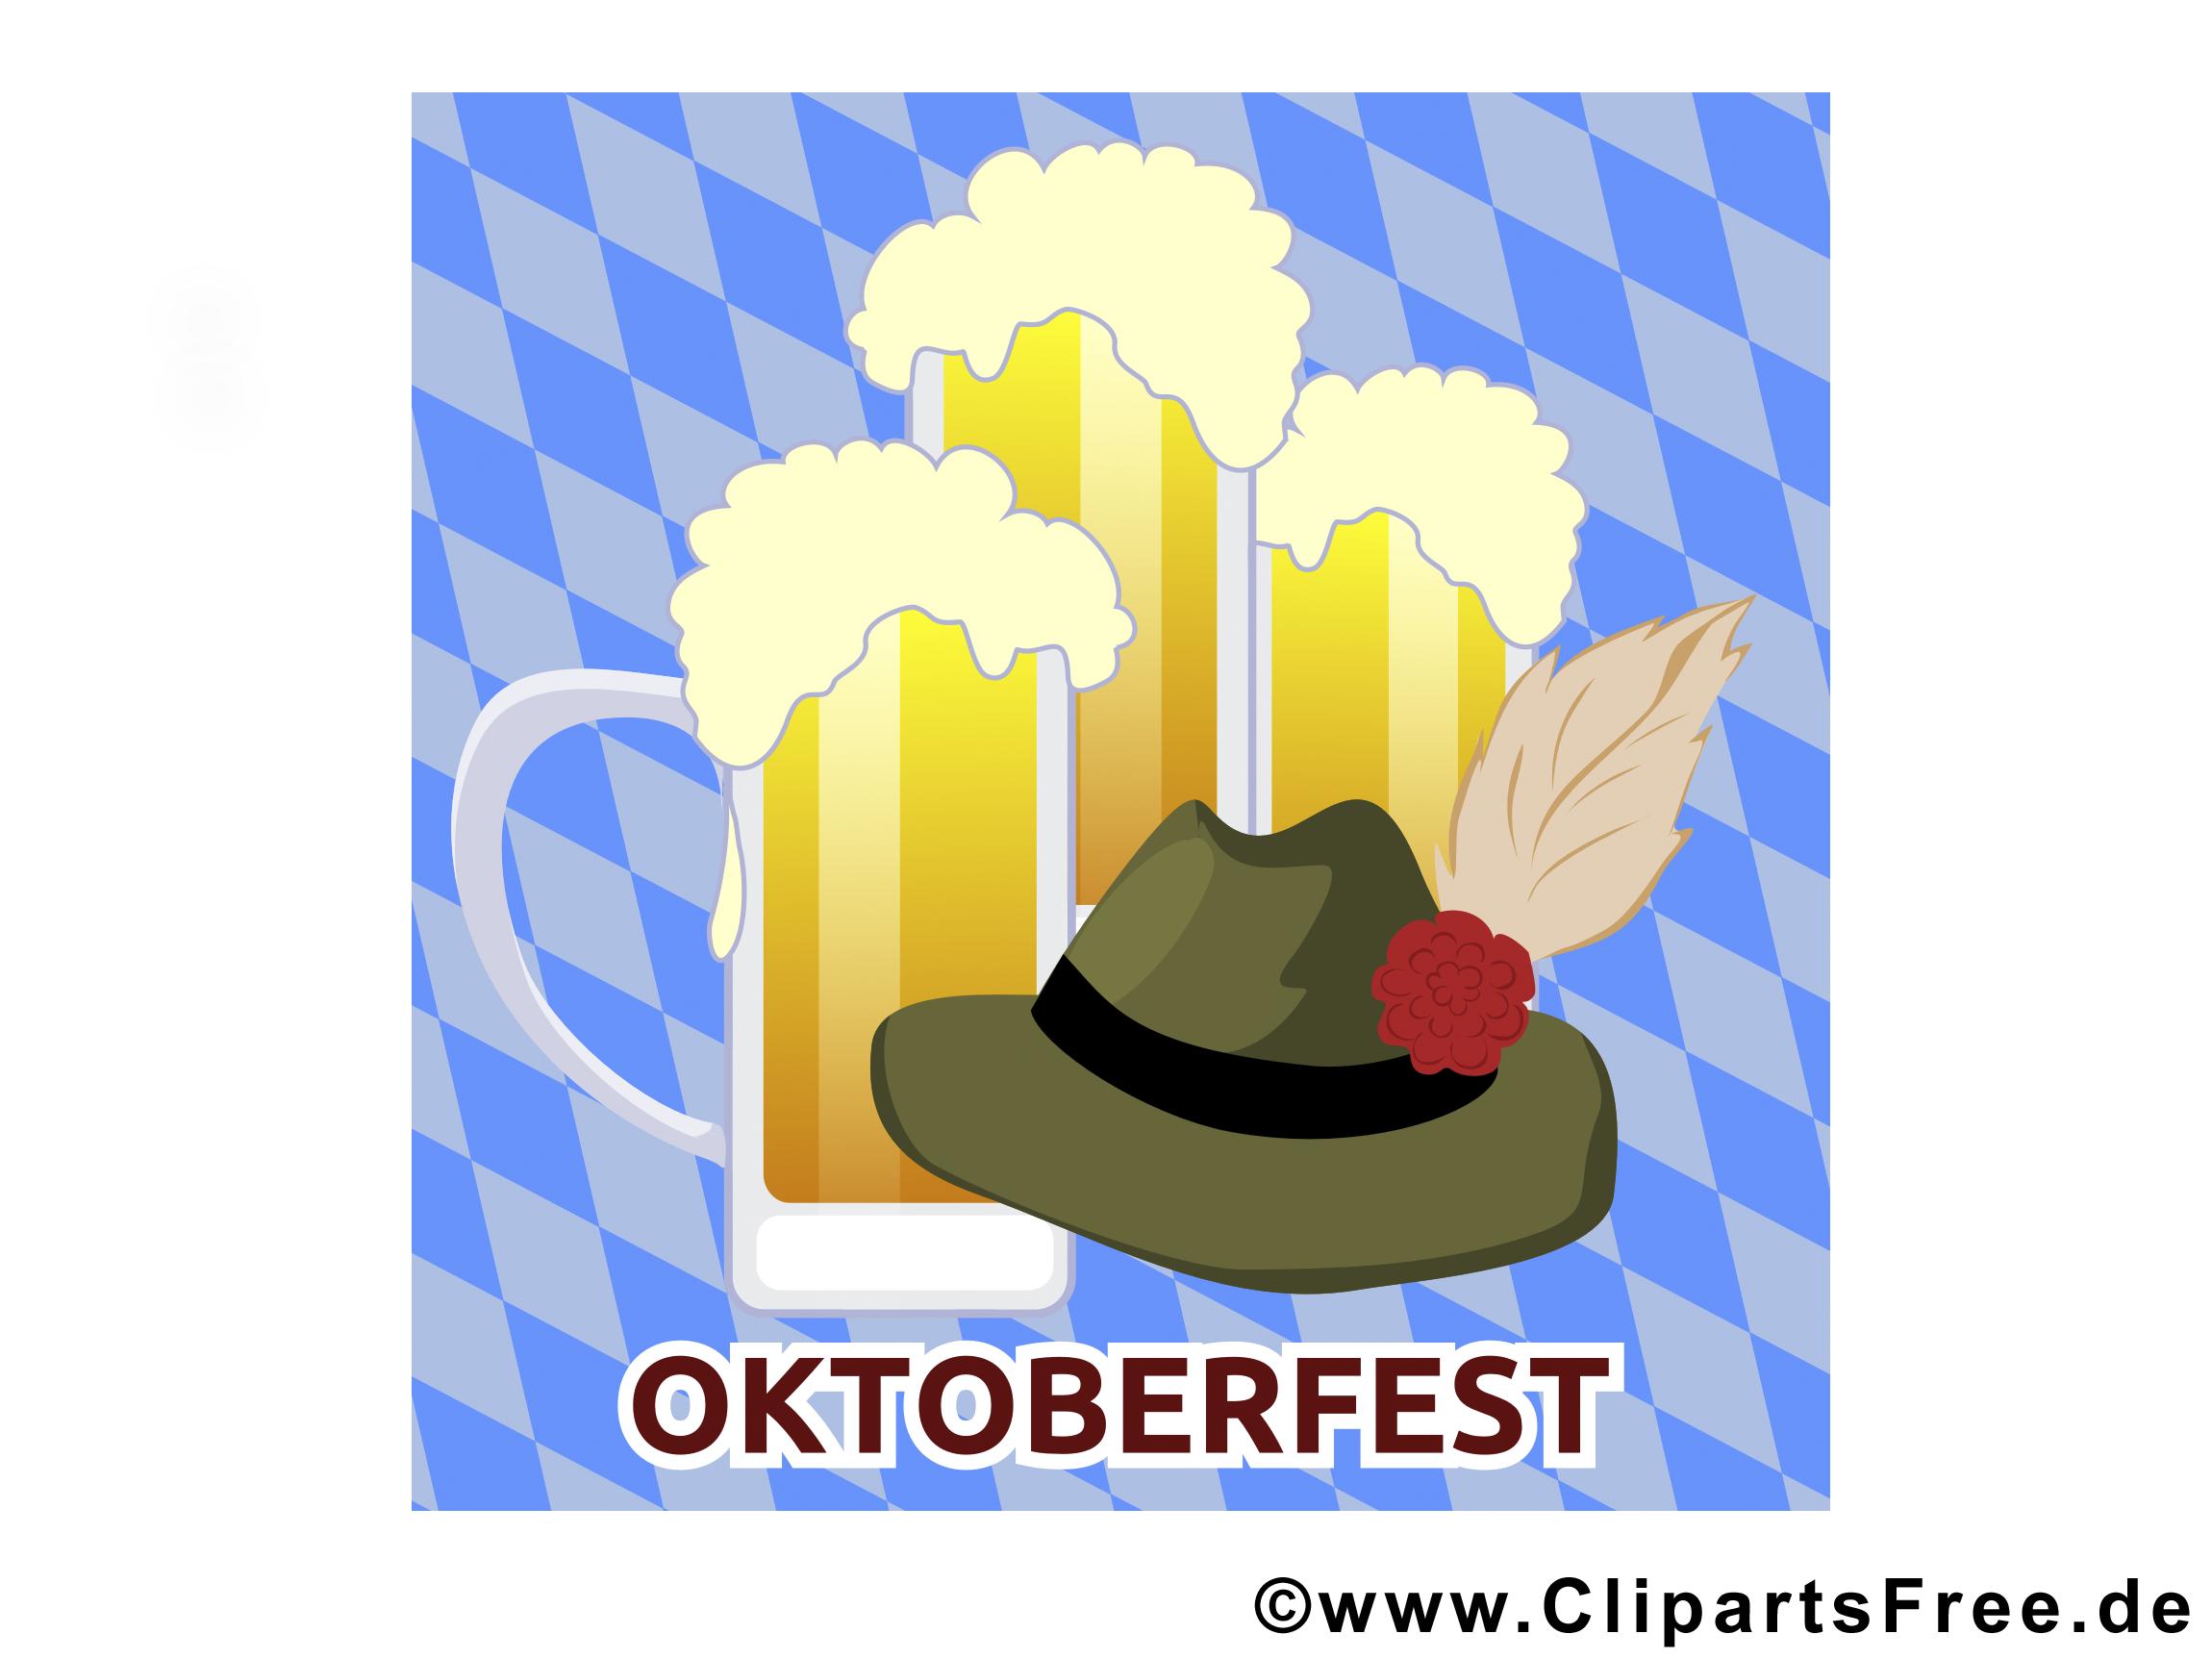 oktoberfest - kostenlose bilder downloaden